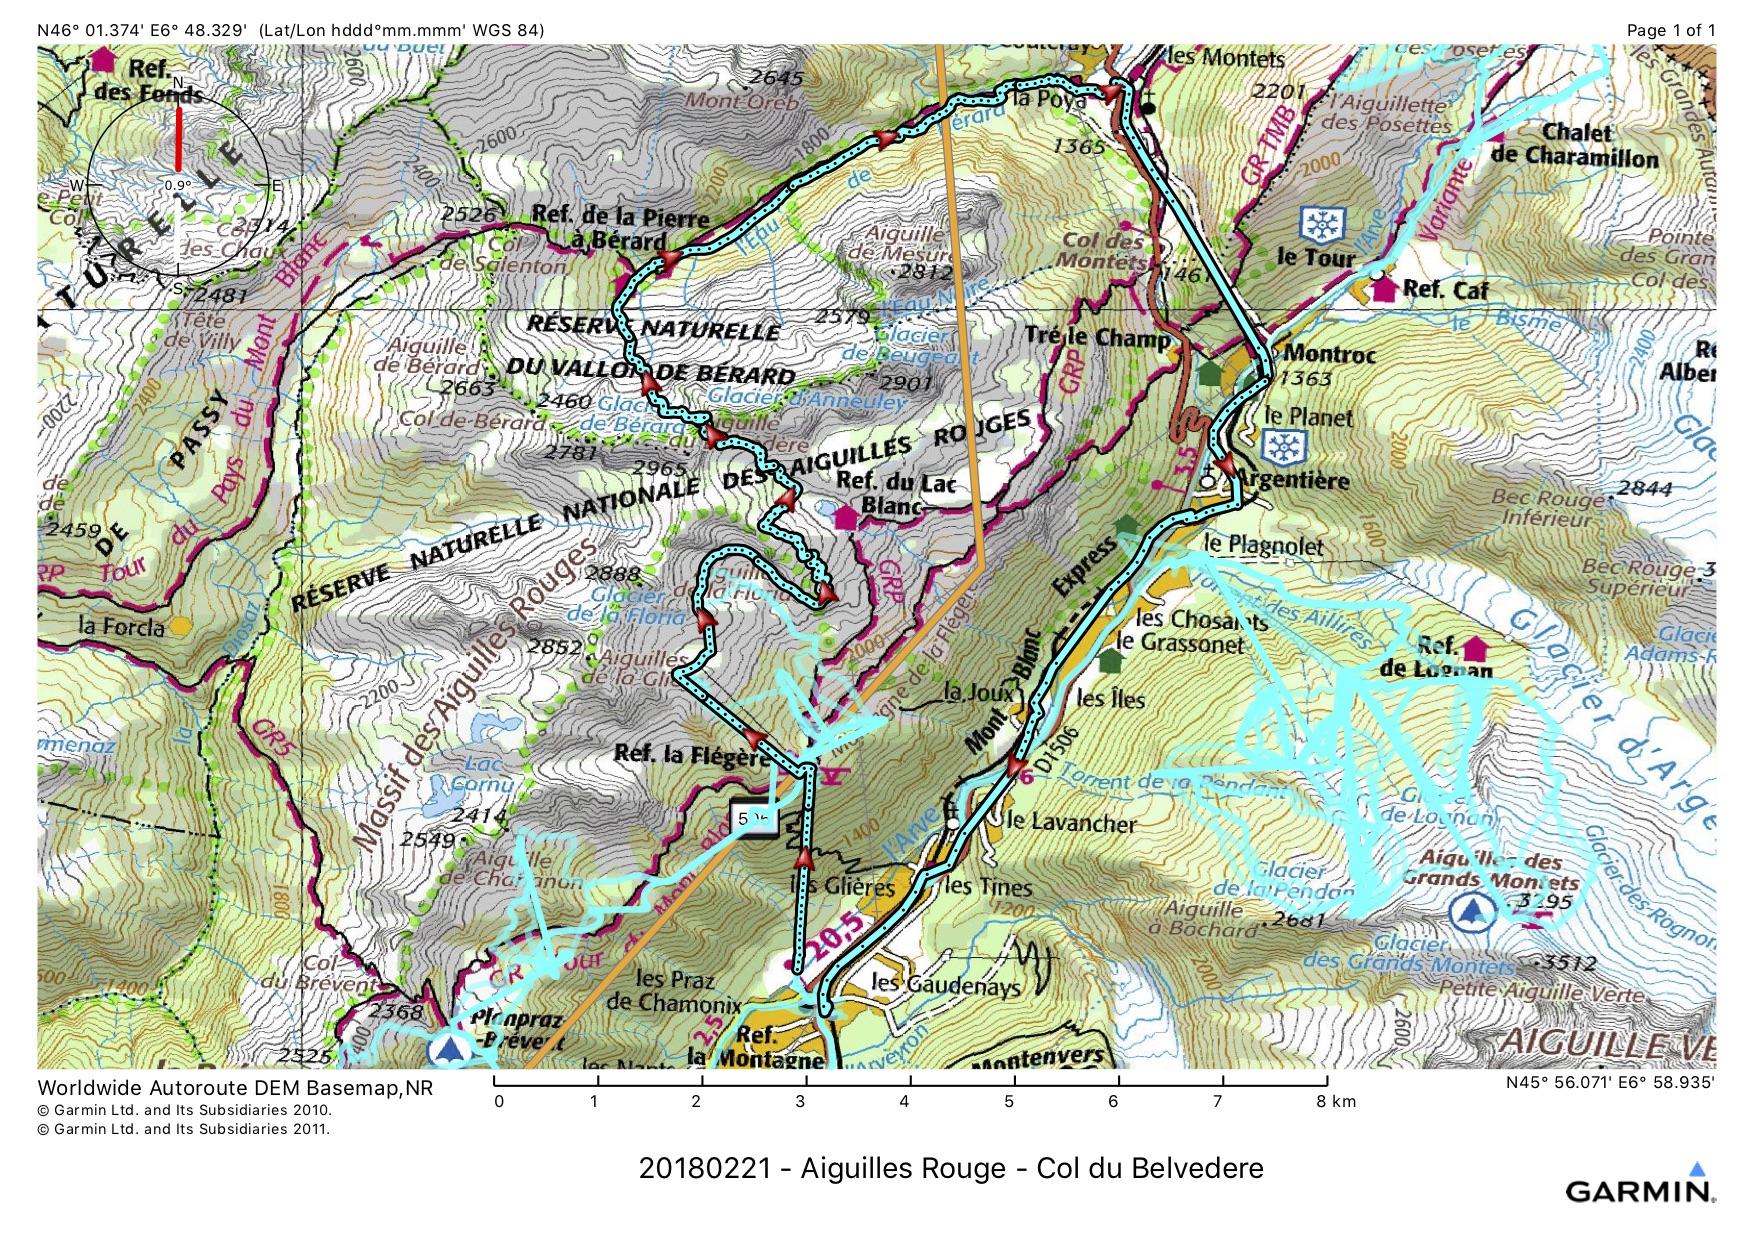 20180221 - Aiguilles Rouge - Col du Belvedere